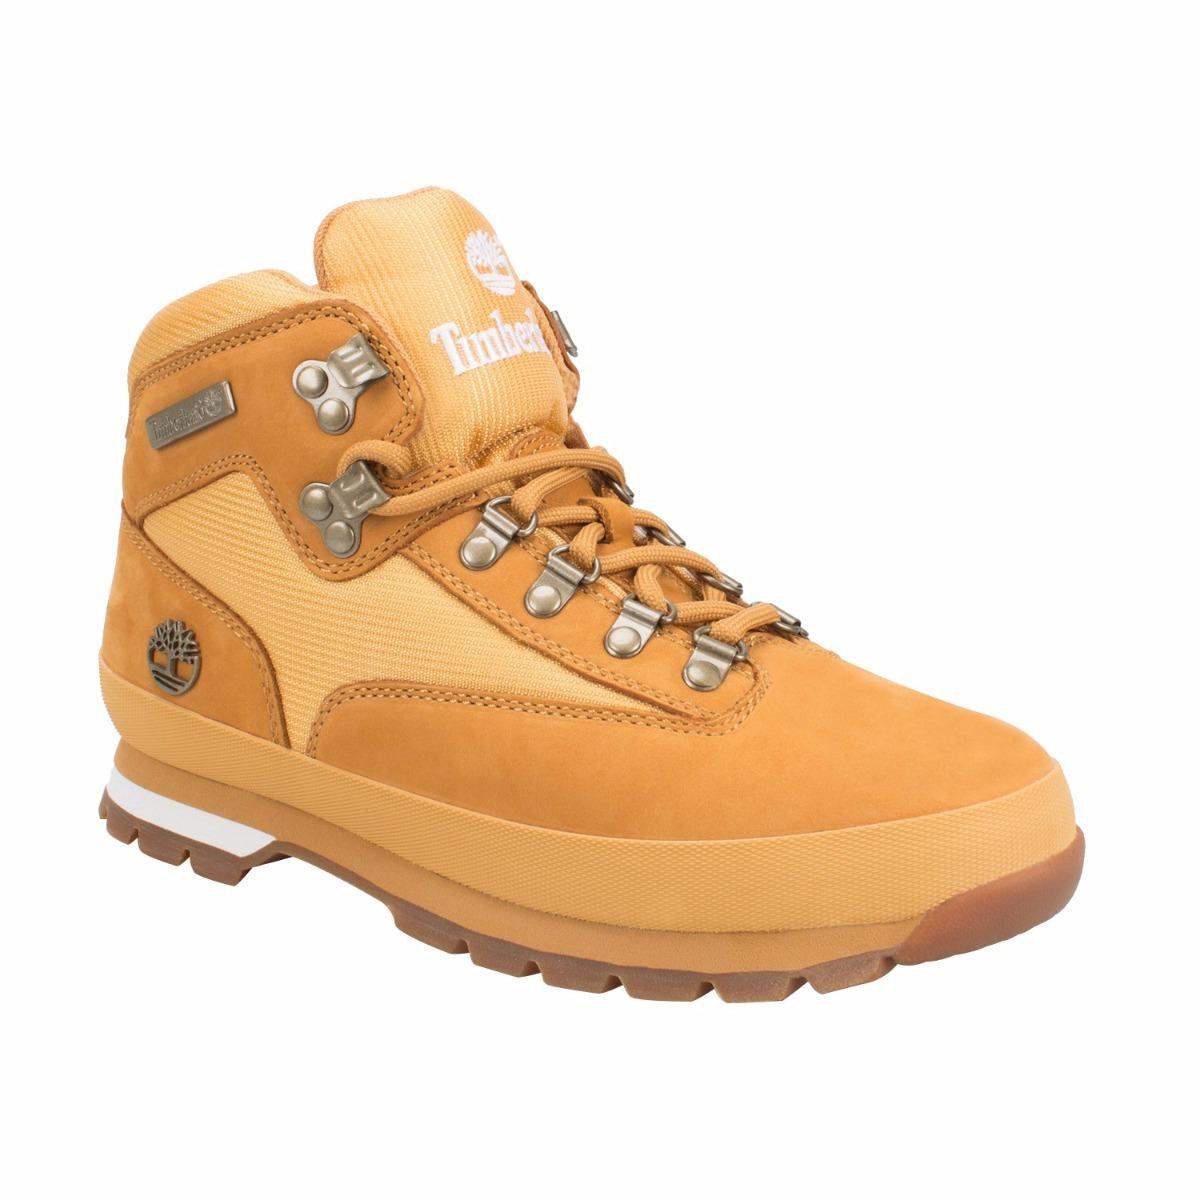 208eaf1873123 botas timberland para caballero color amarillo piel id126. Cargando zoom.